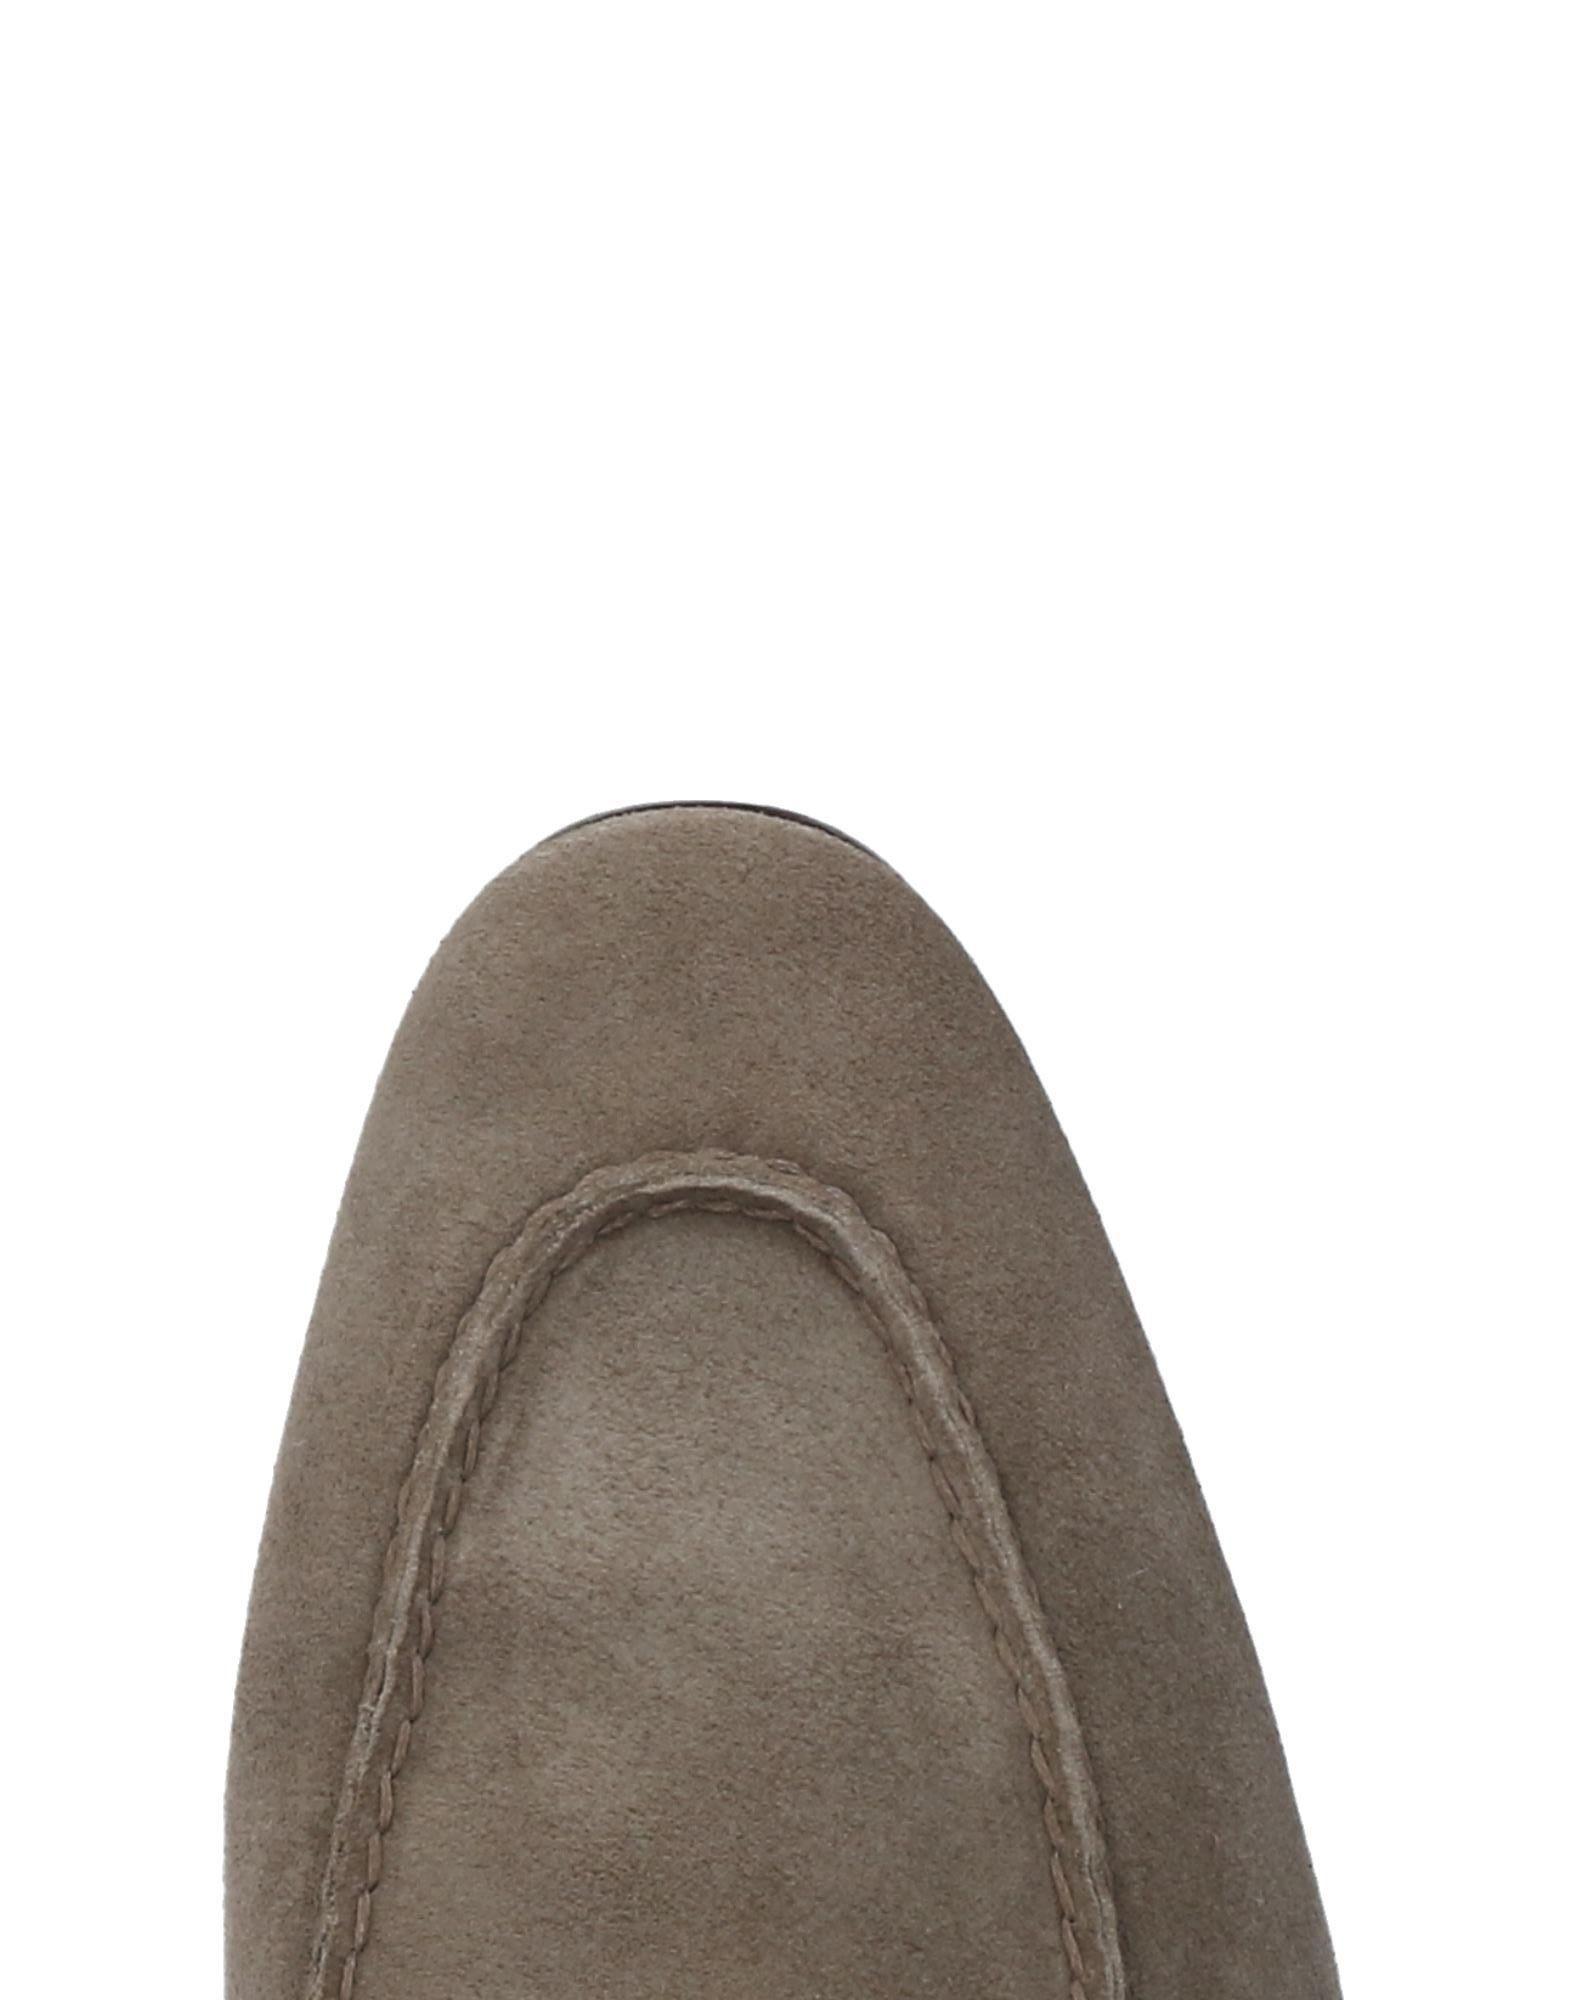 Santoni Mokassins Herren  11479341PX Gute Qualität beliebte Schuhe